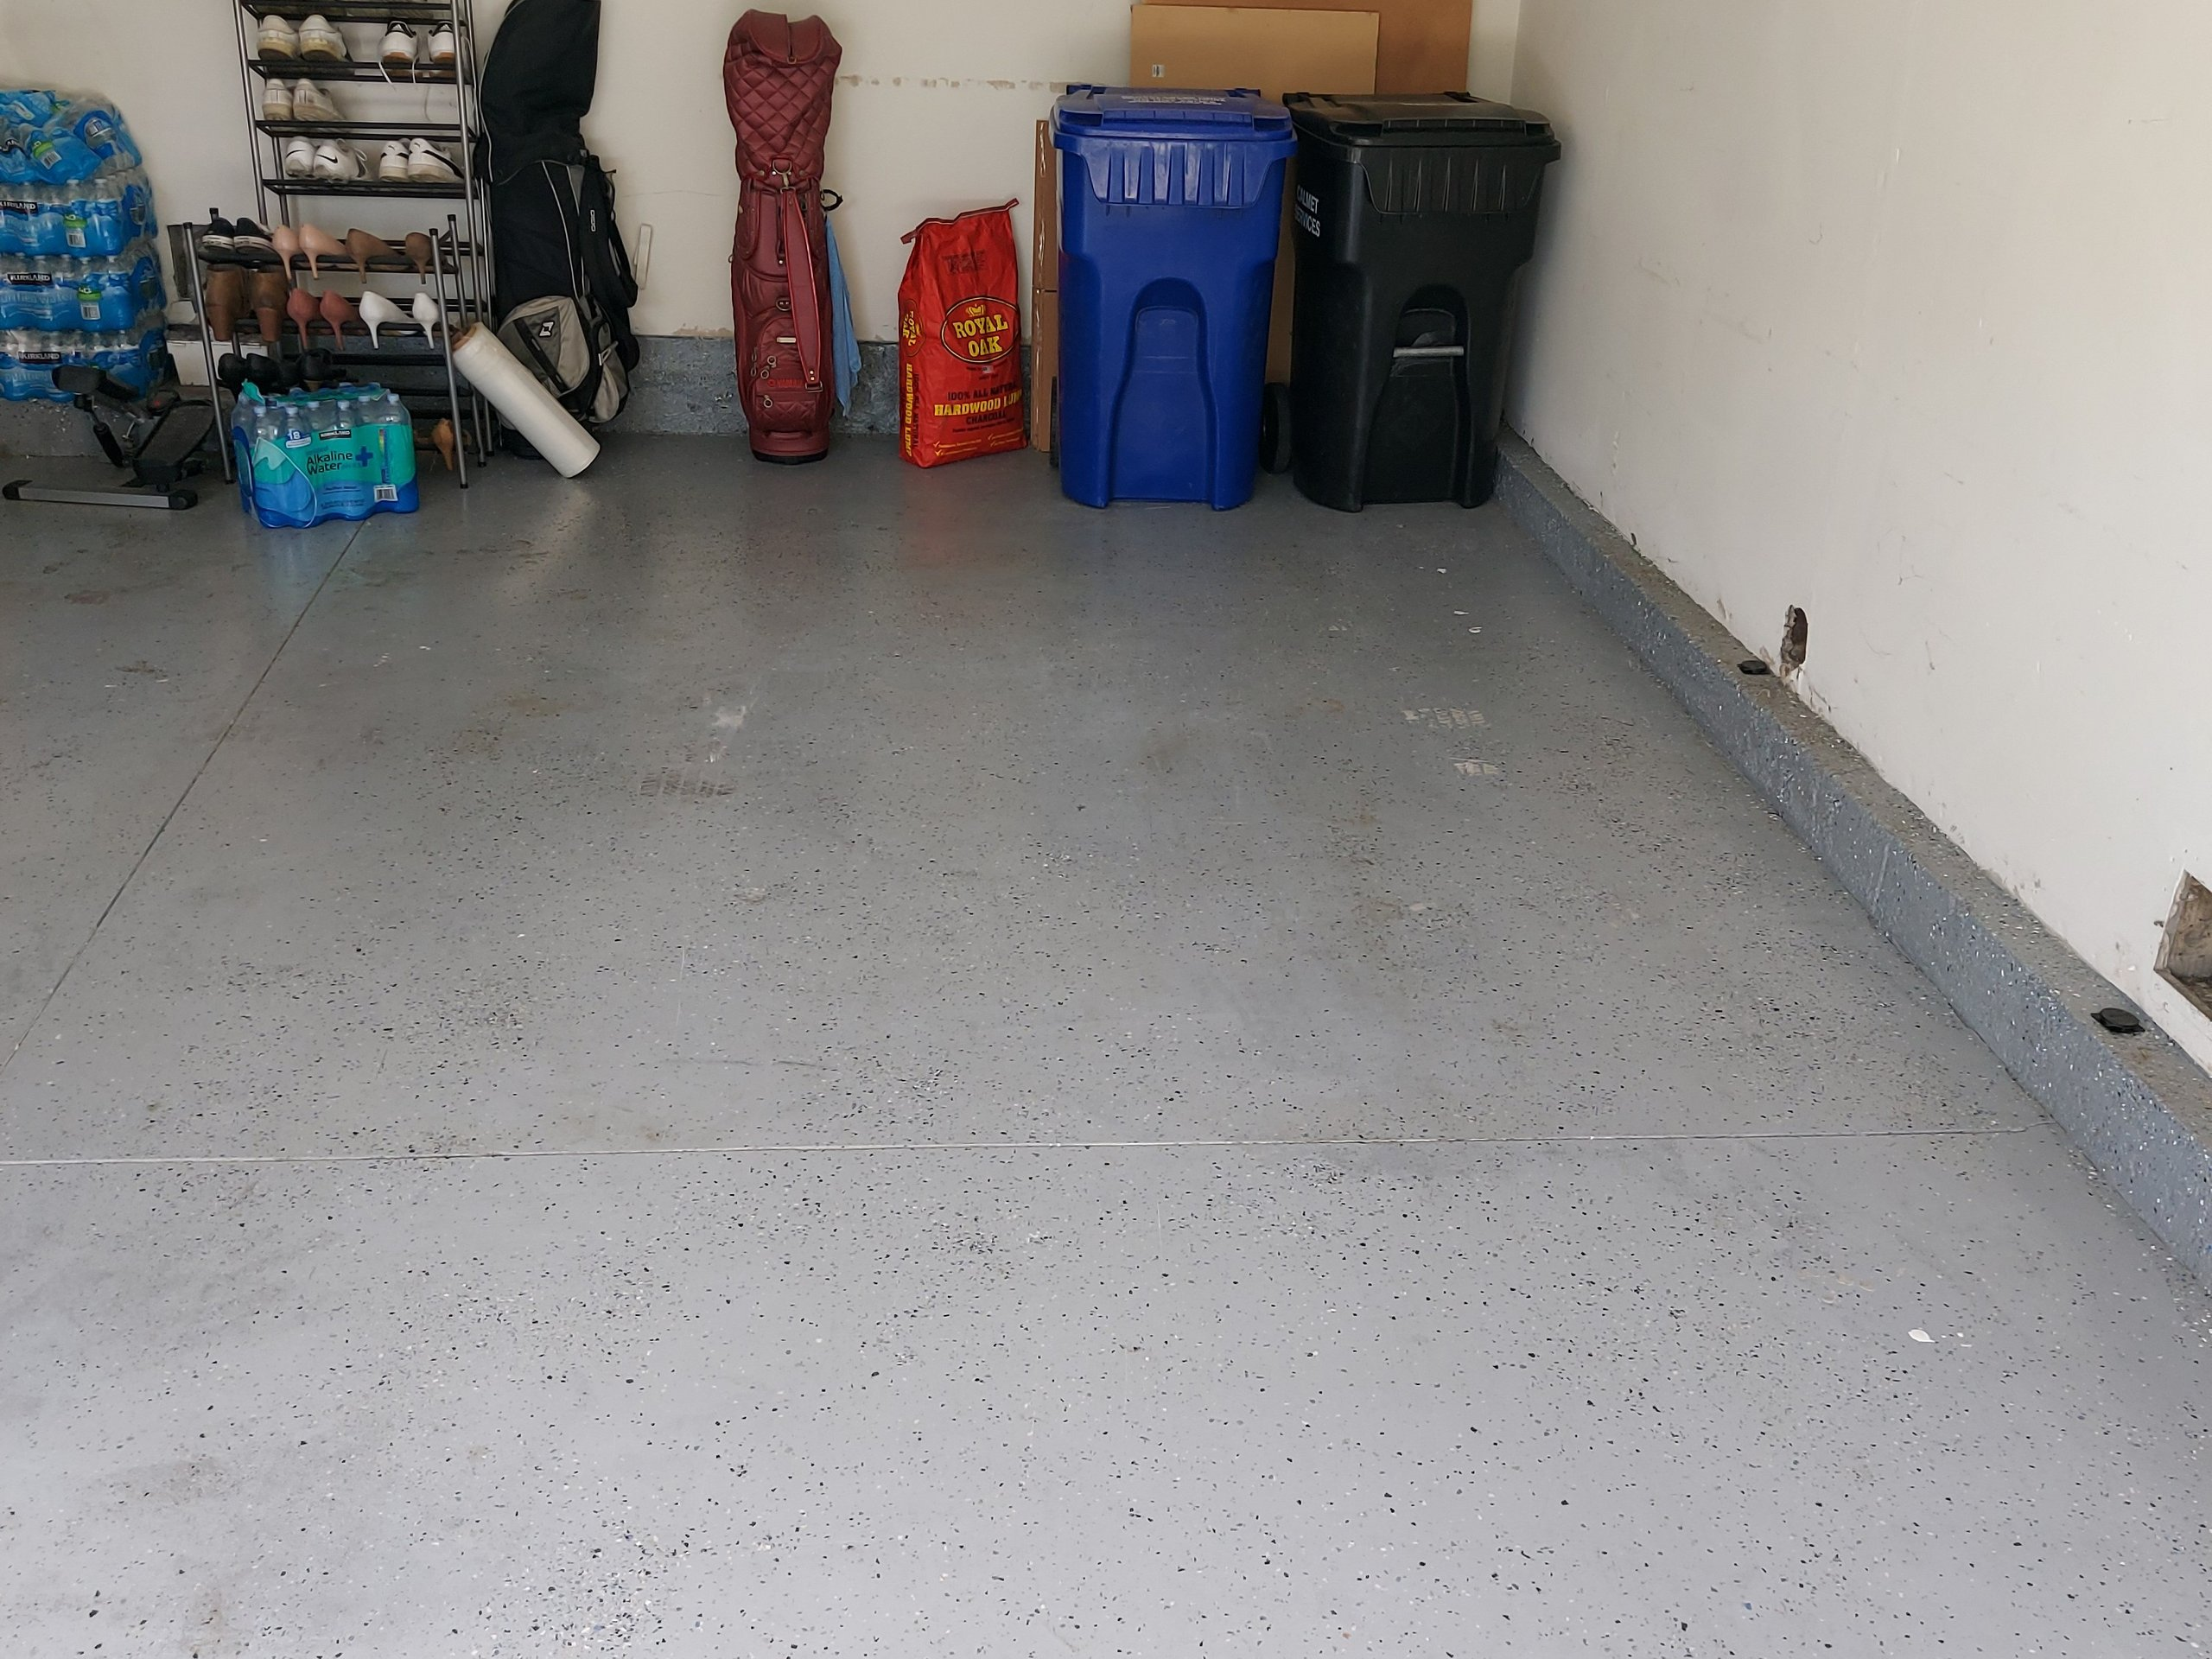 22x11 Garage self storage unit